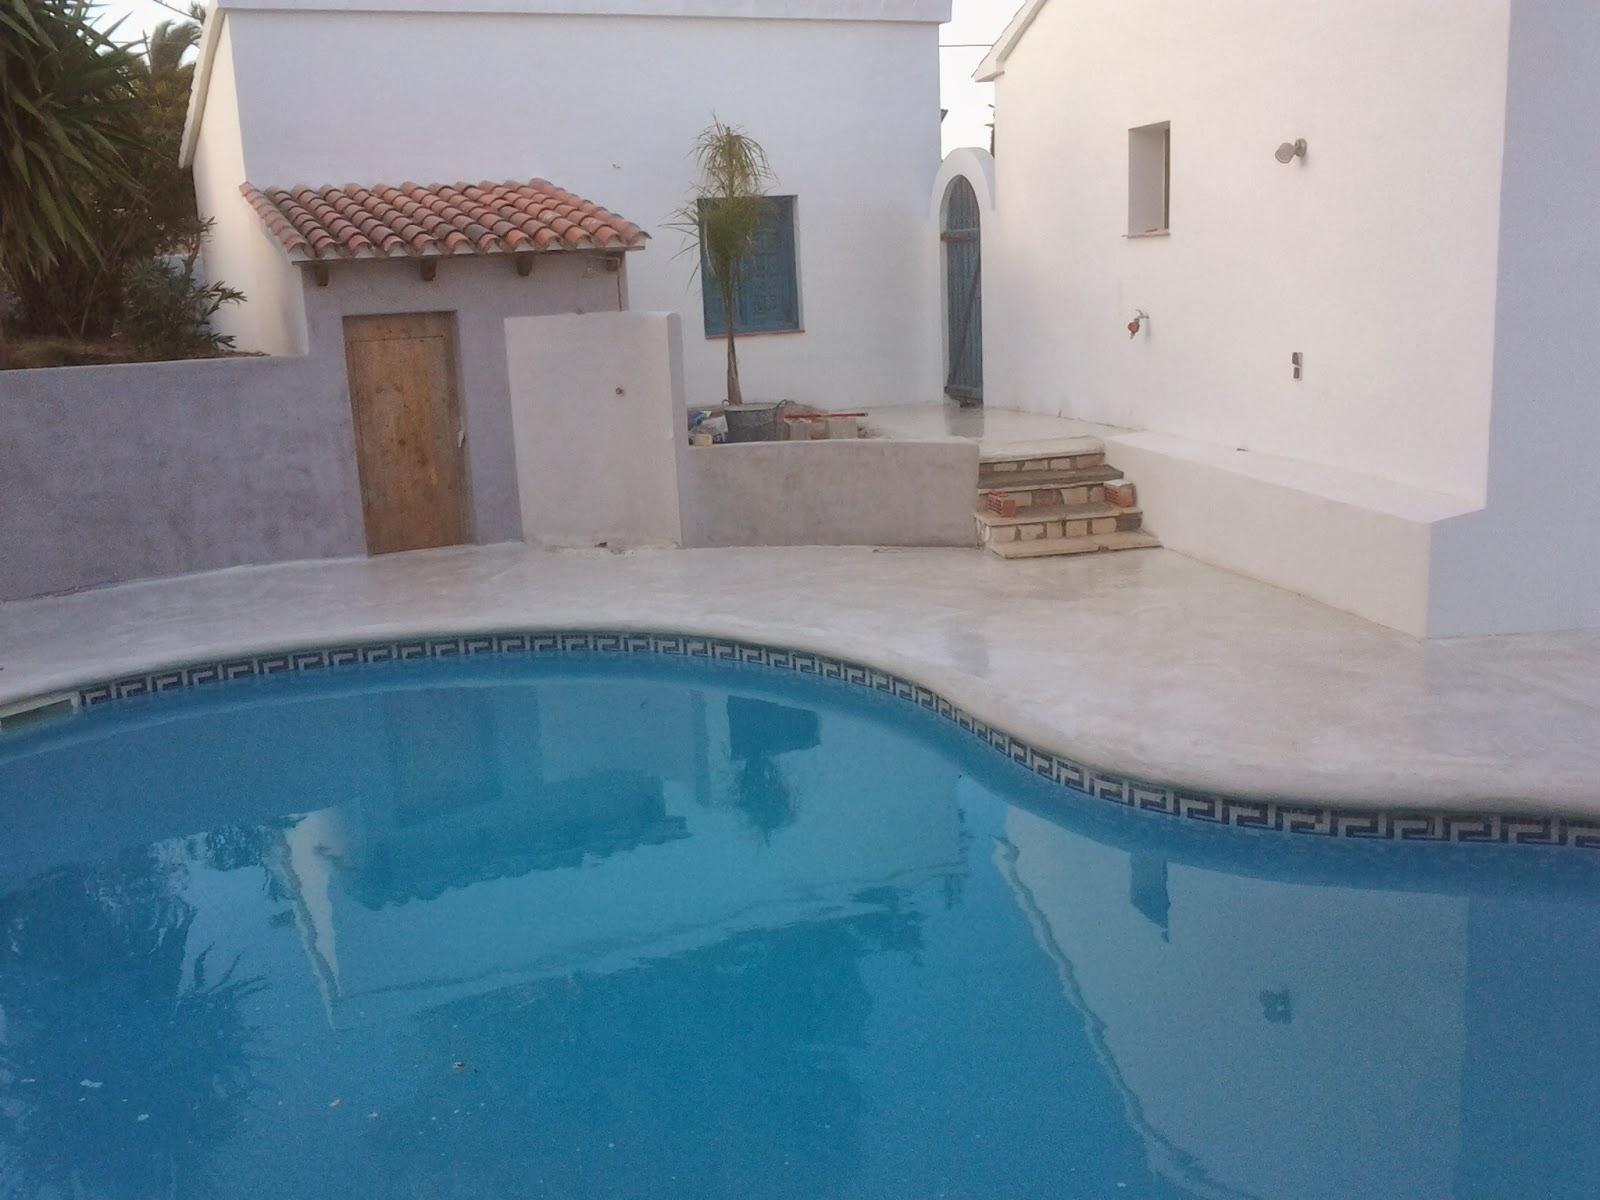 Piscina con pavimento continuo de hormig n en color blanco for Precio de piscinas de cemento